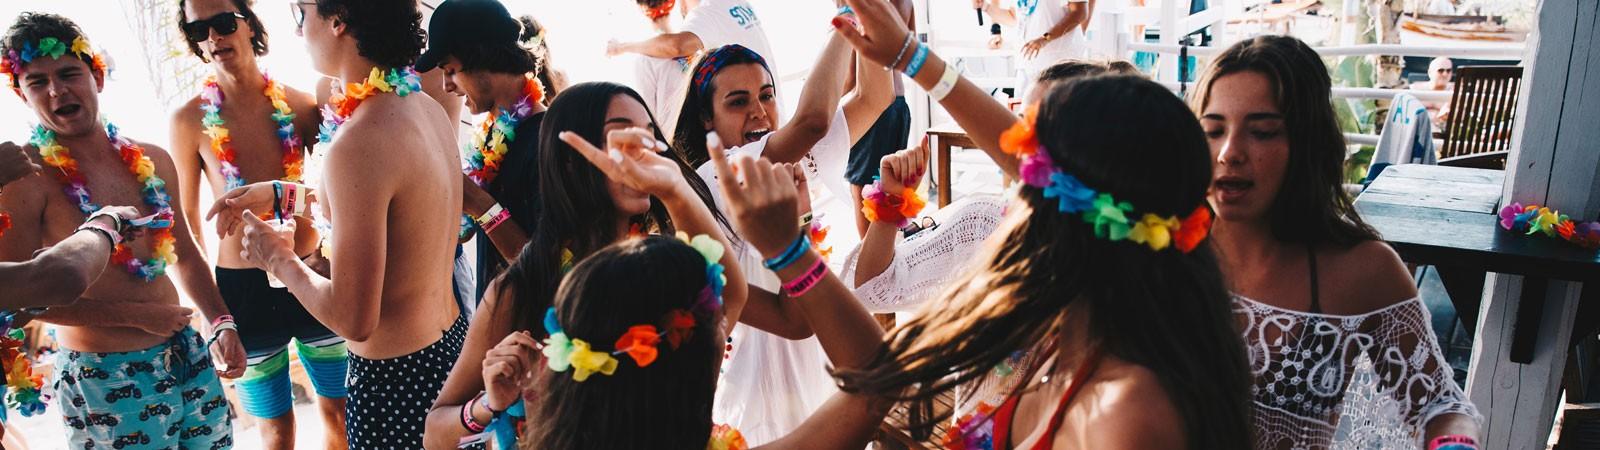 hawaiian party nello student village a gallipoli